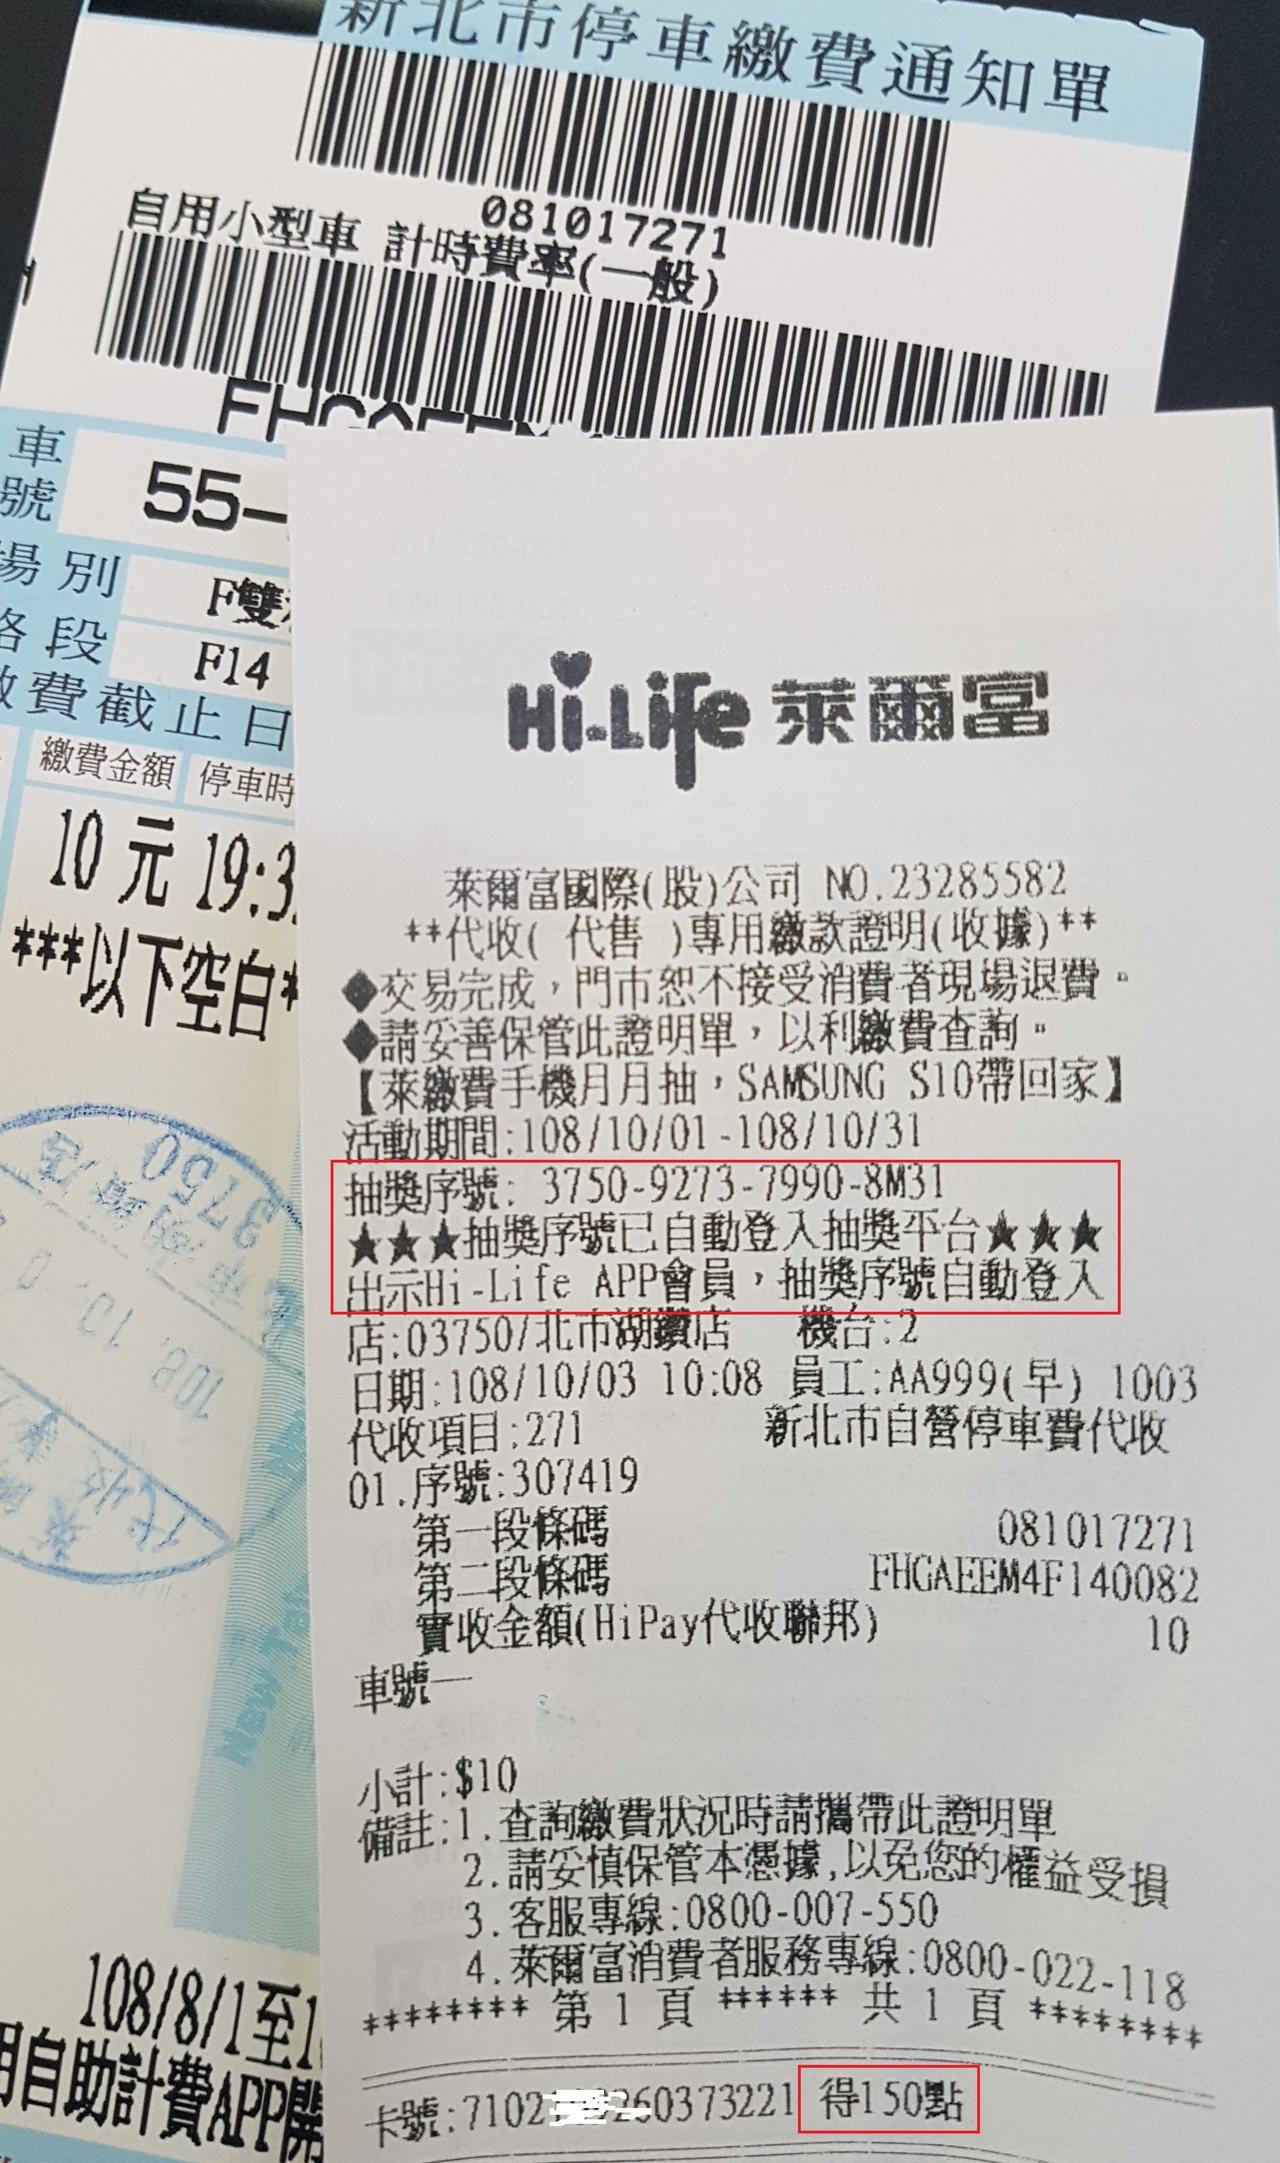 到萊爾富繳帳單費用,門市給的收據上隱藏了1組抽獎密碼。 圖/萊爾富提供